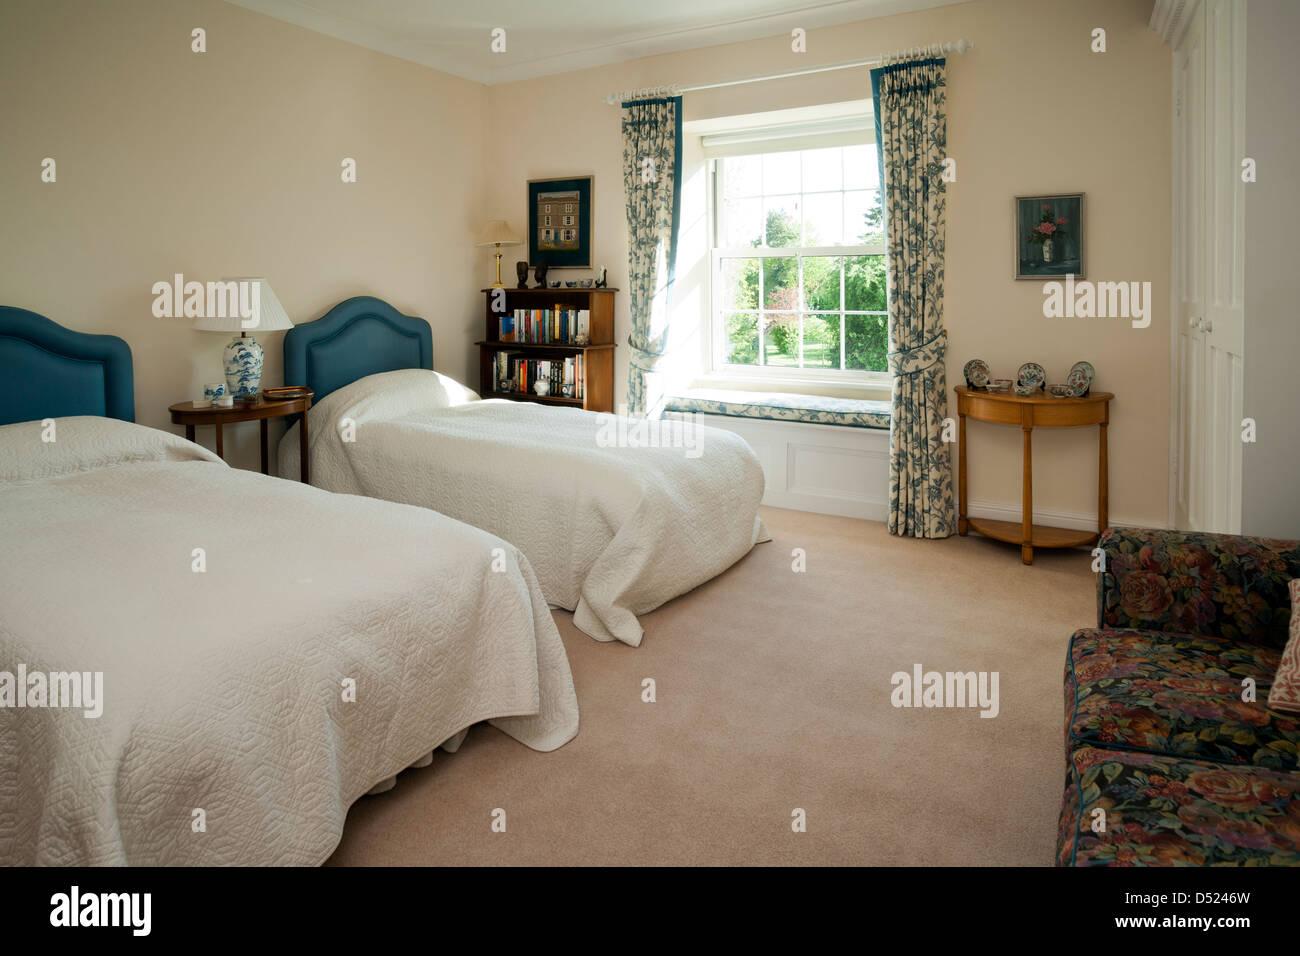 Camera Per Ospiti : Due letti singoli in una camera per gli ospiti foto immagine